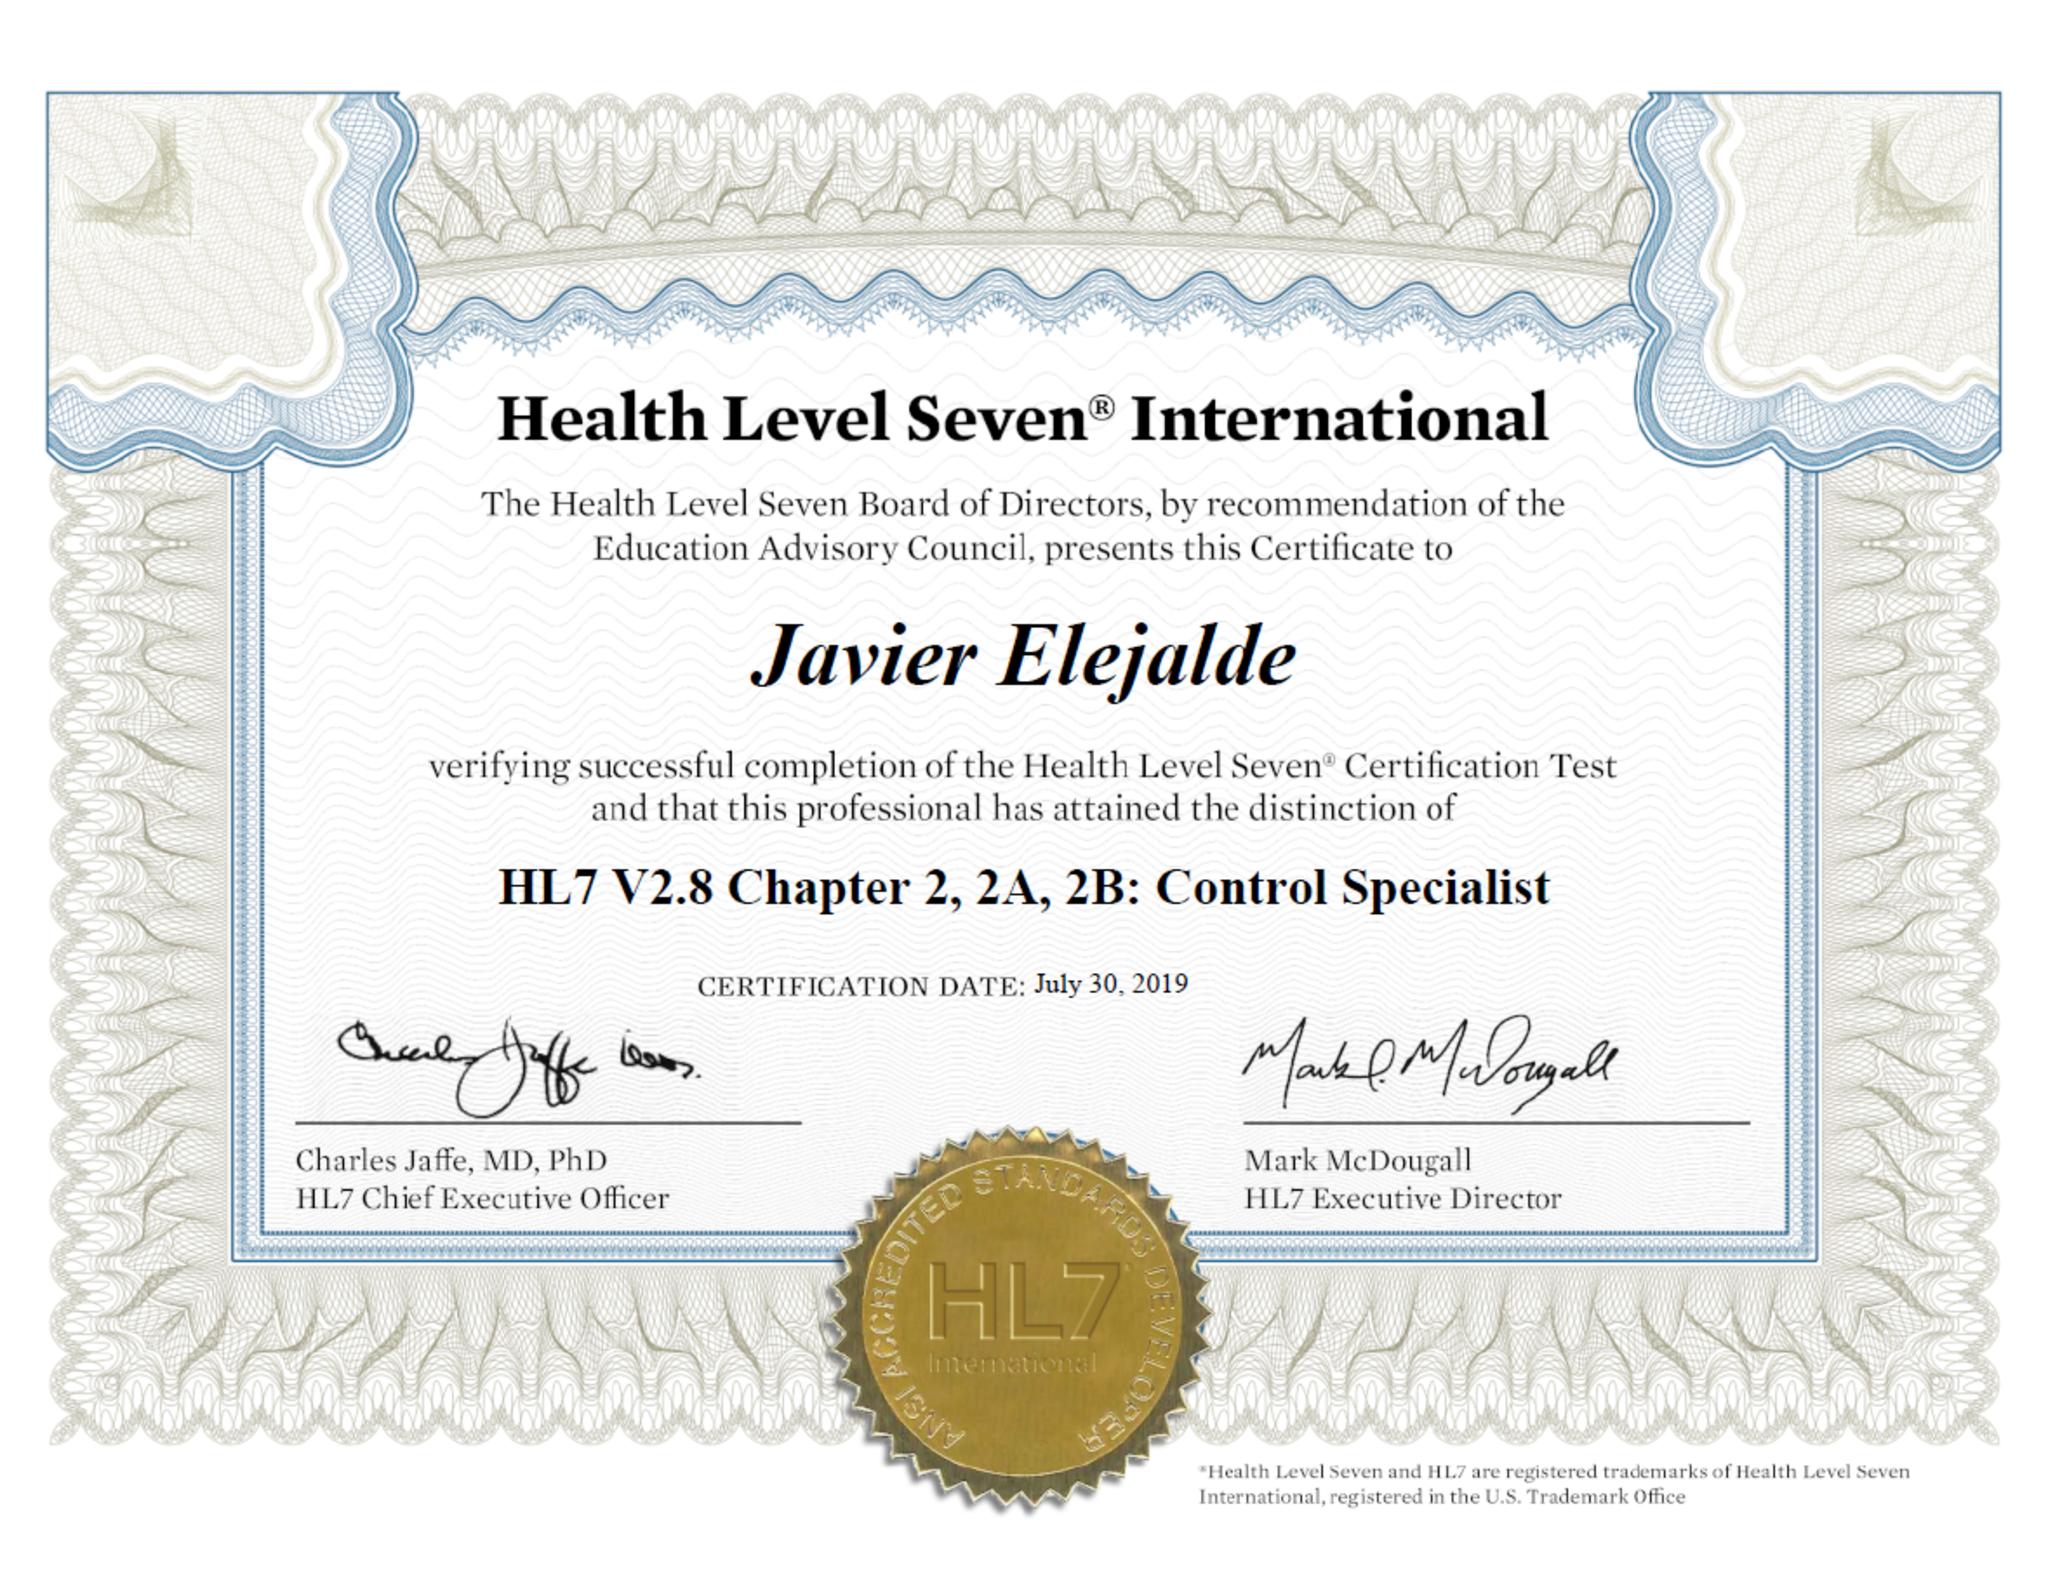 Full hl7 certificate evidence